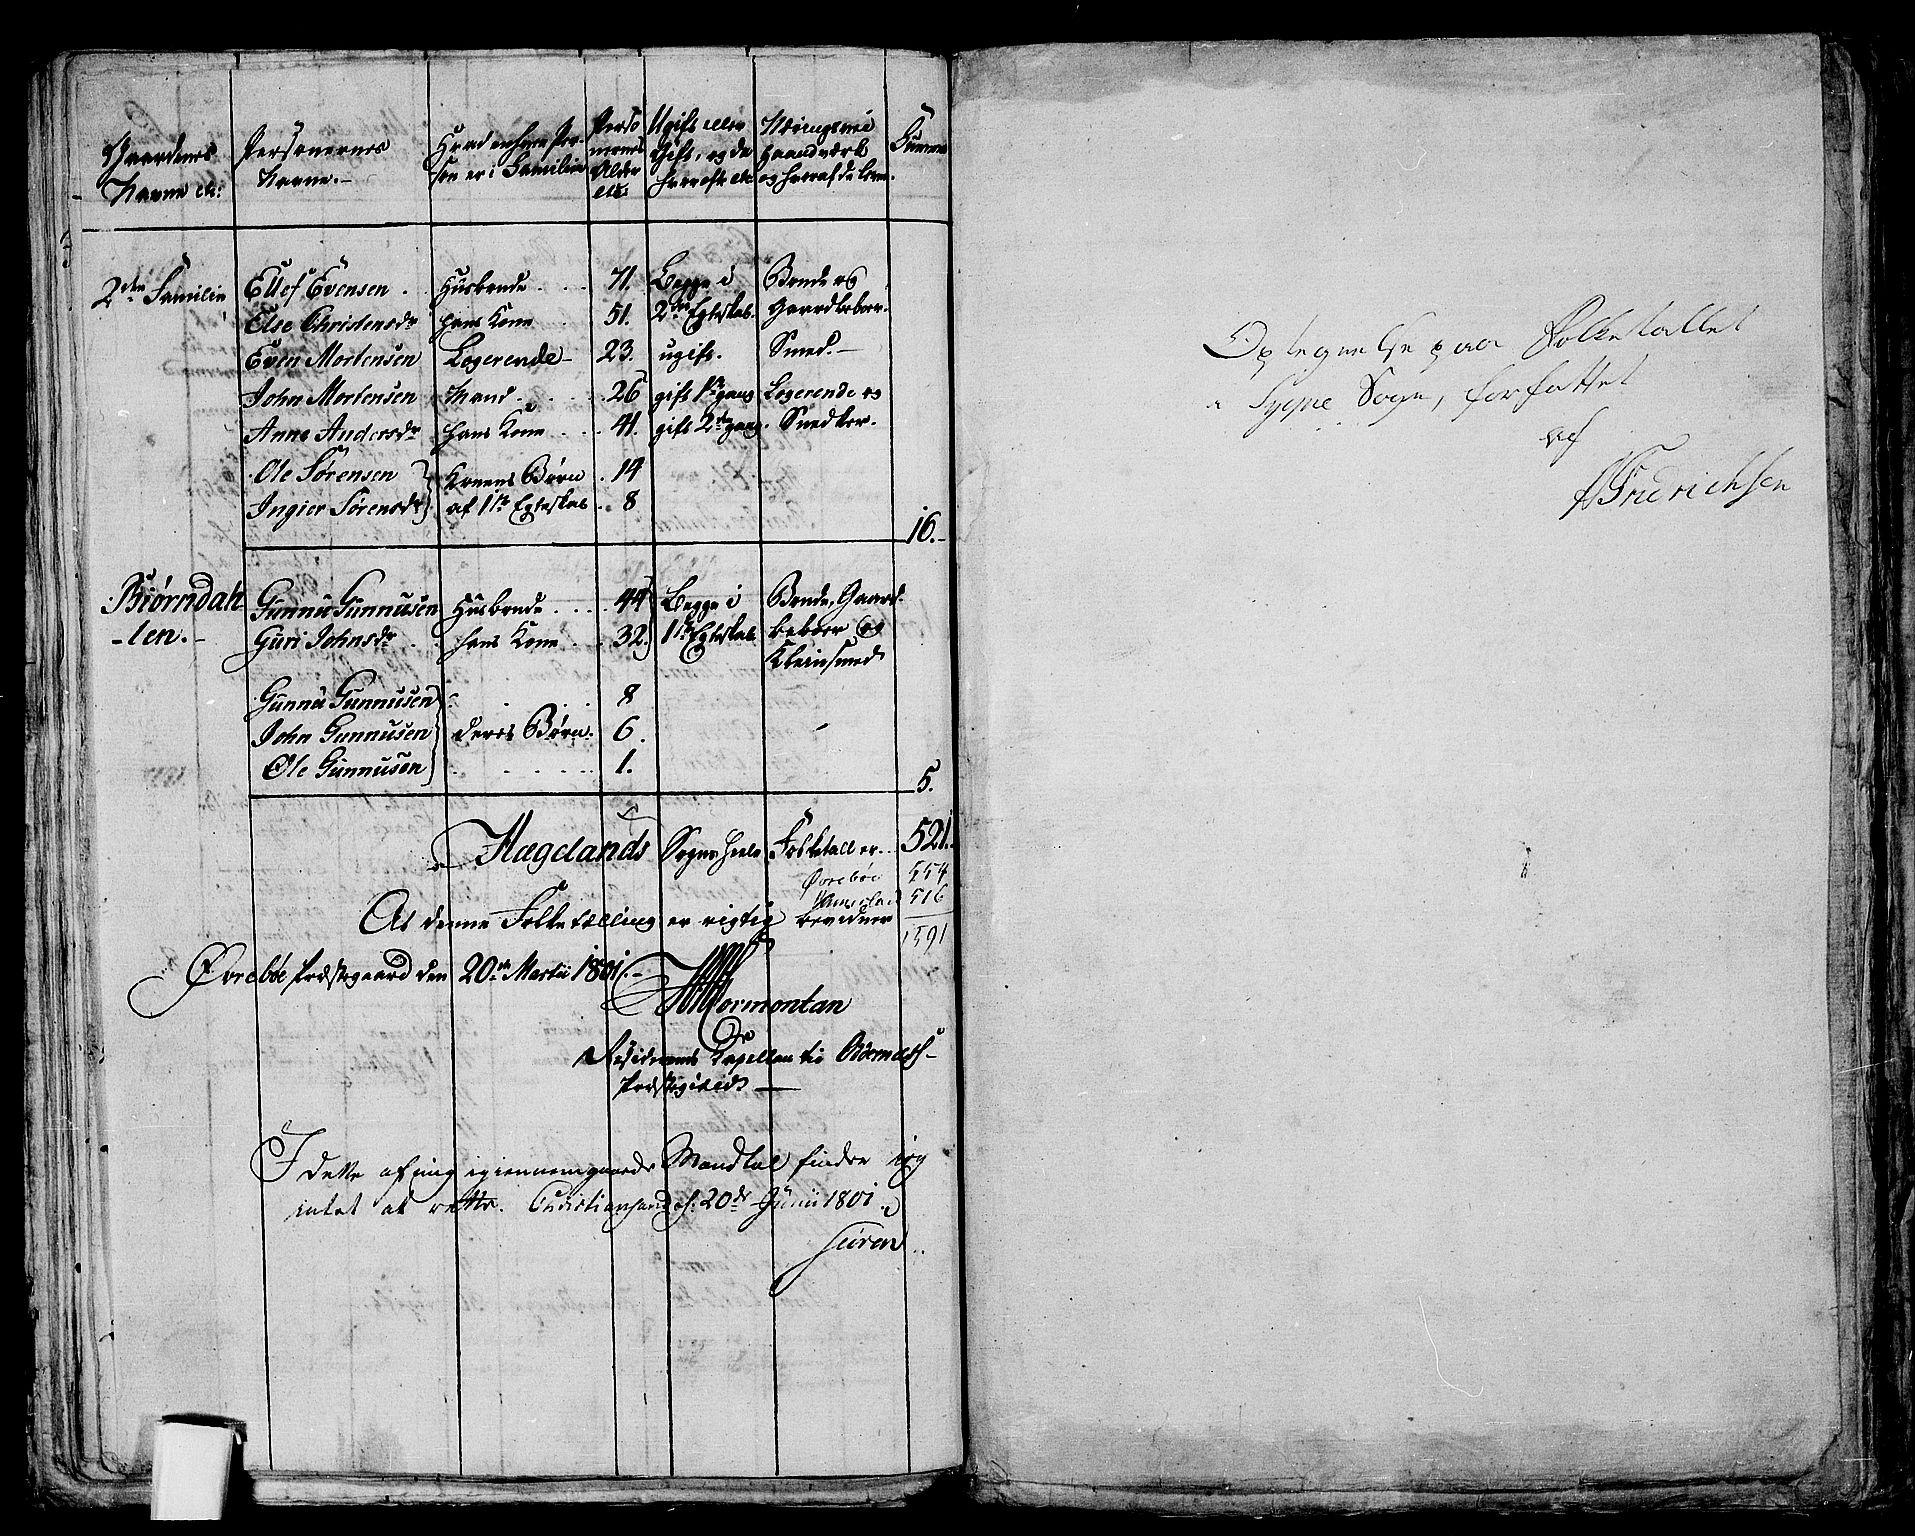 RA, Folketelling 1801 for 1018P Søgne prestegjeld, 1801